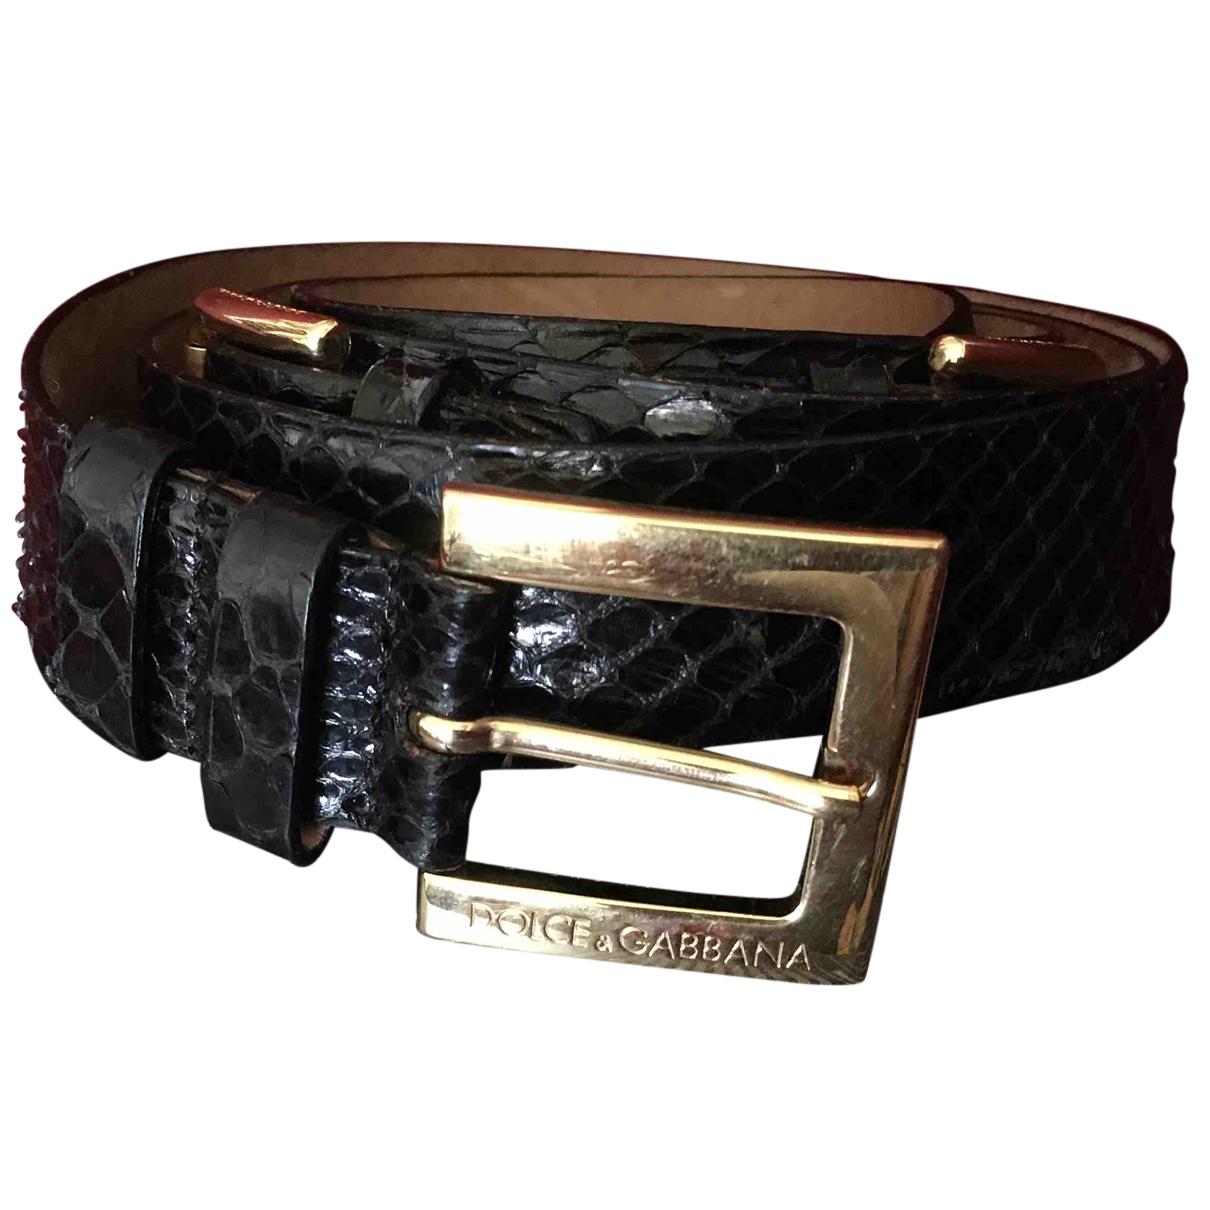 Cinturon de Piton Dolce & Gabbana